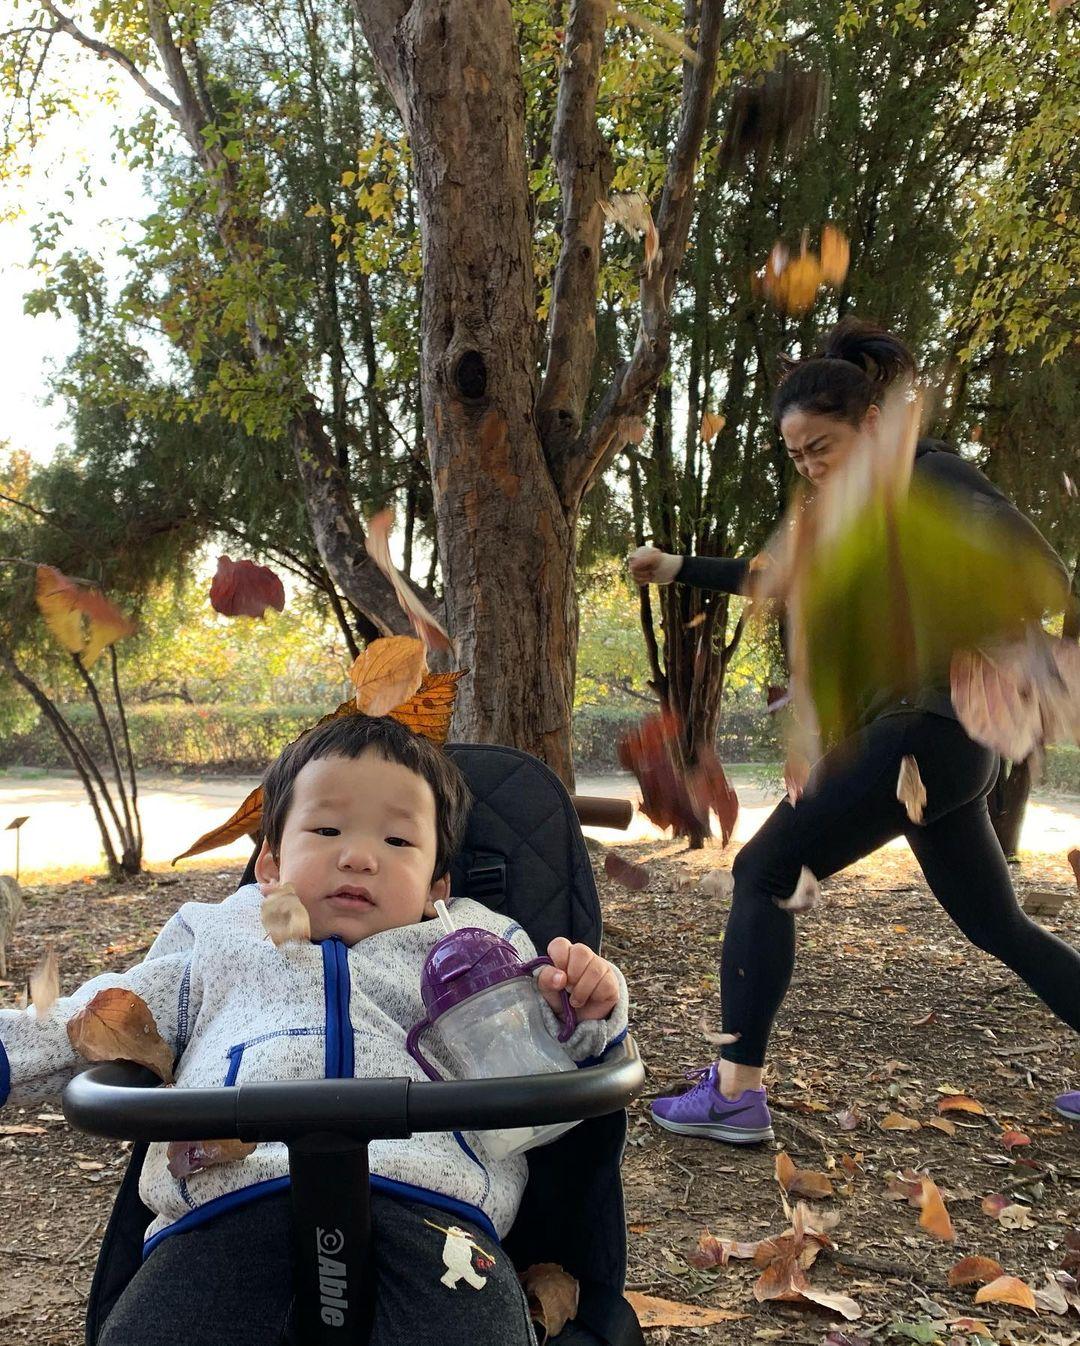 媽媽完美呈現「育兒內心」崩潰照 「背後靈系列」網笑噴:壓力是有多大